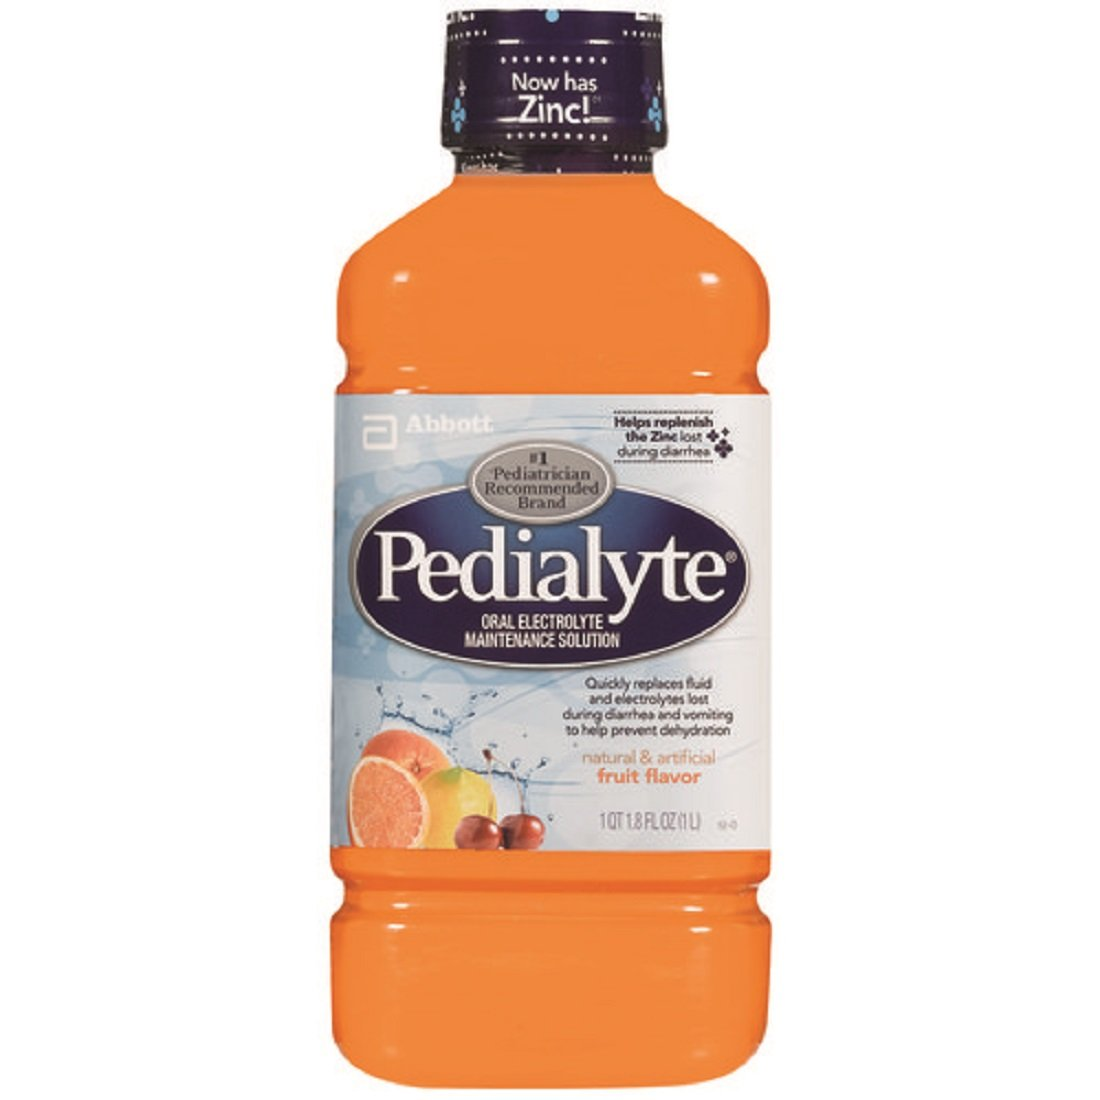 Abbott Nutrition - Pedialyte RTF, Retail 1 Liter Bottle, Fruit Flavored by ABBOTT NUTRITION